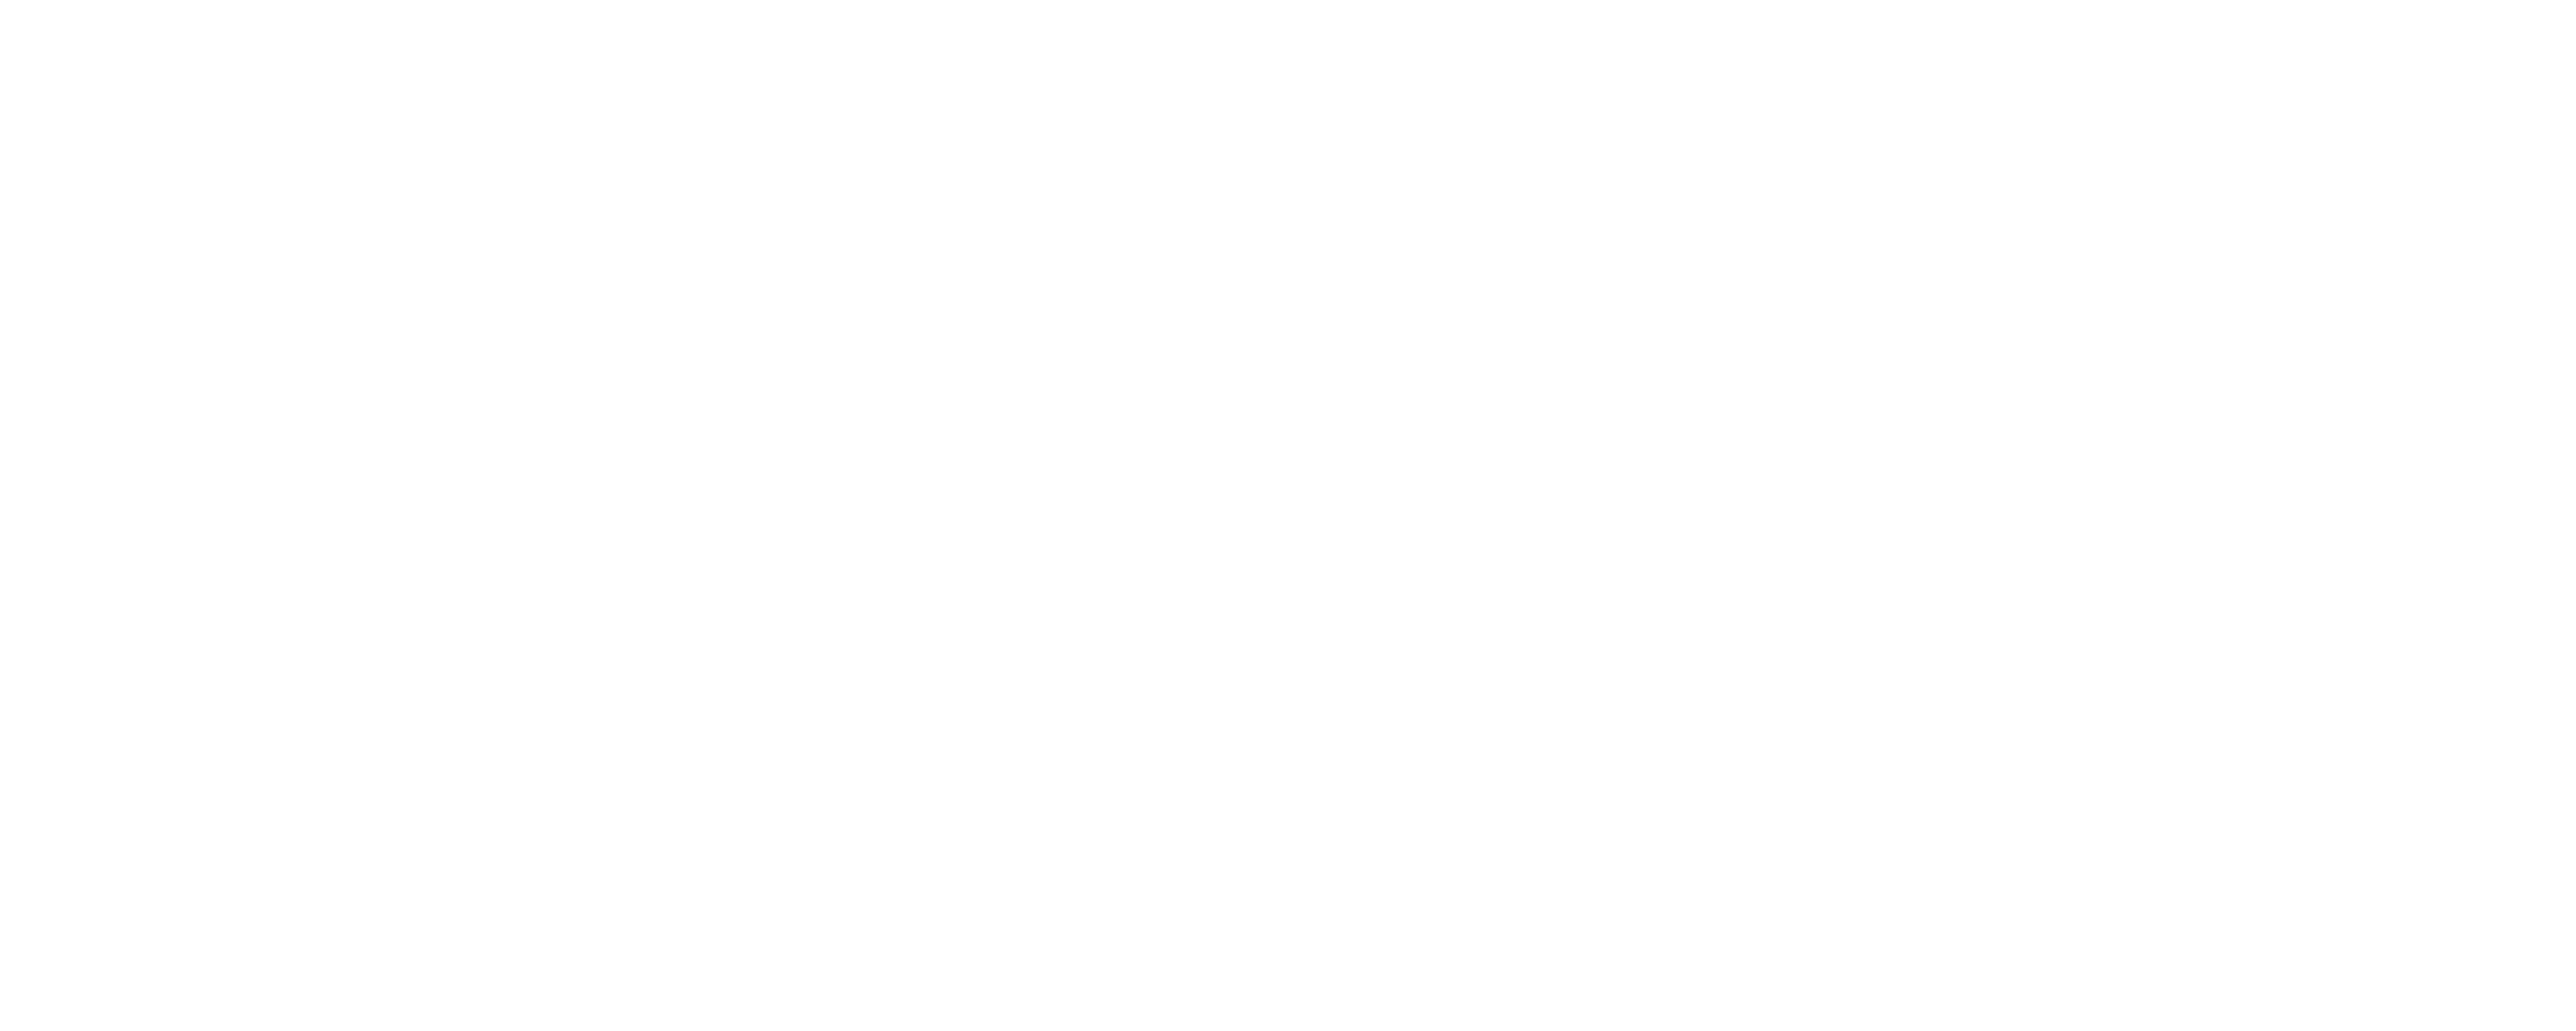 Clorprifos-+-Cipermetrina-1